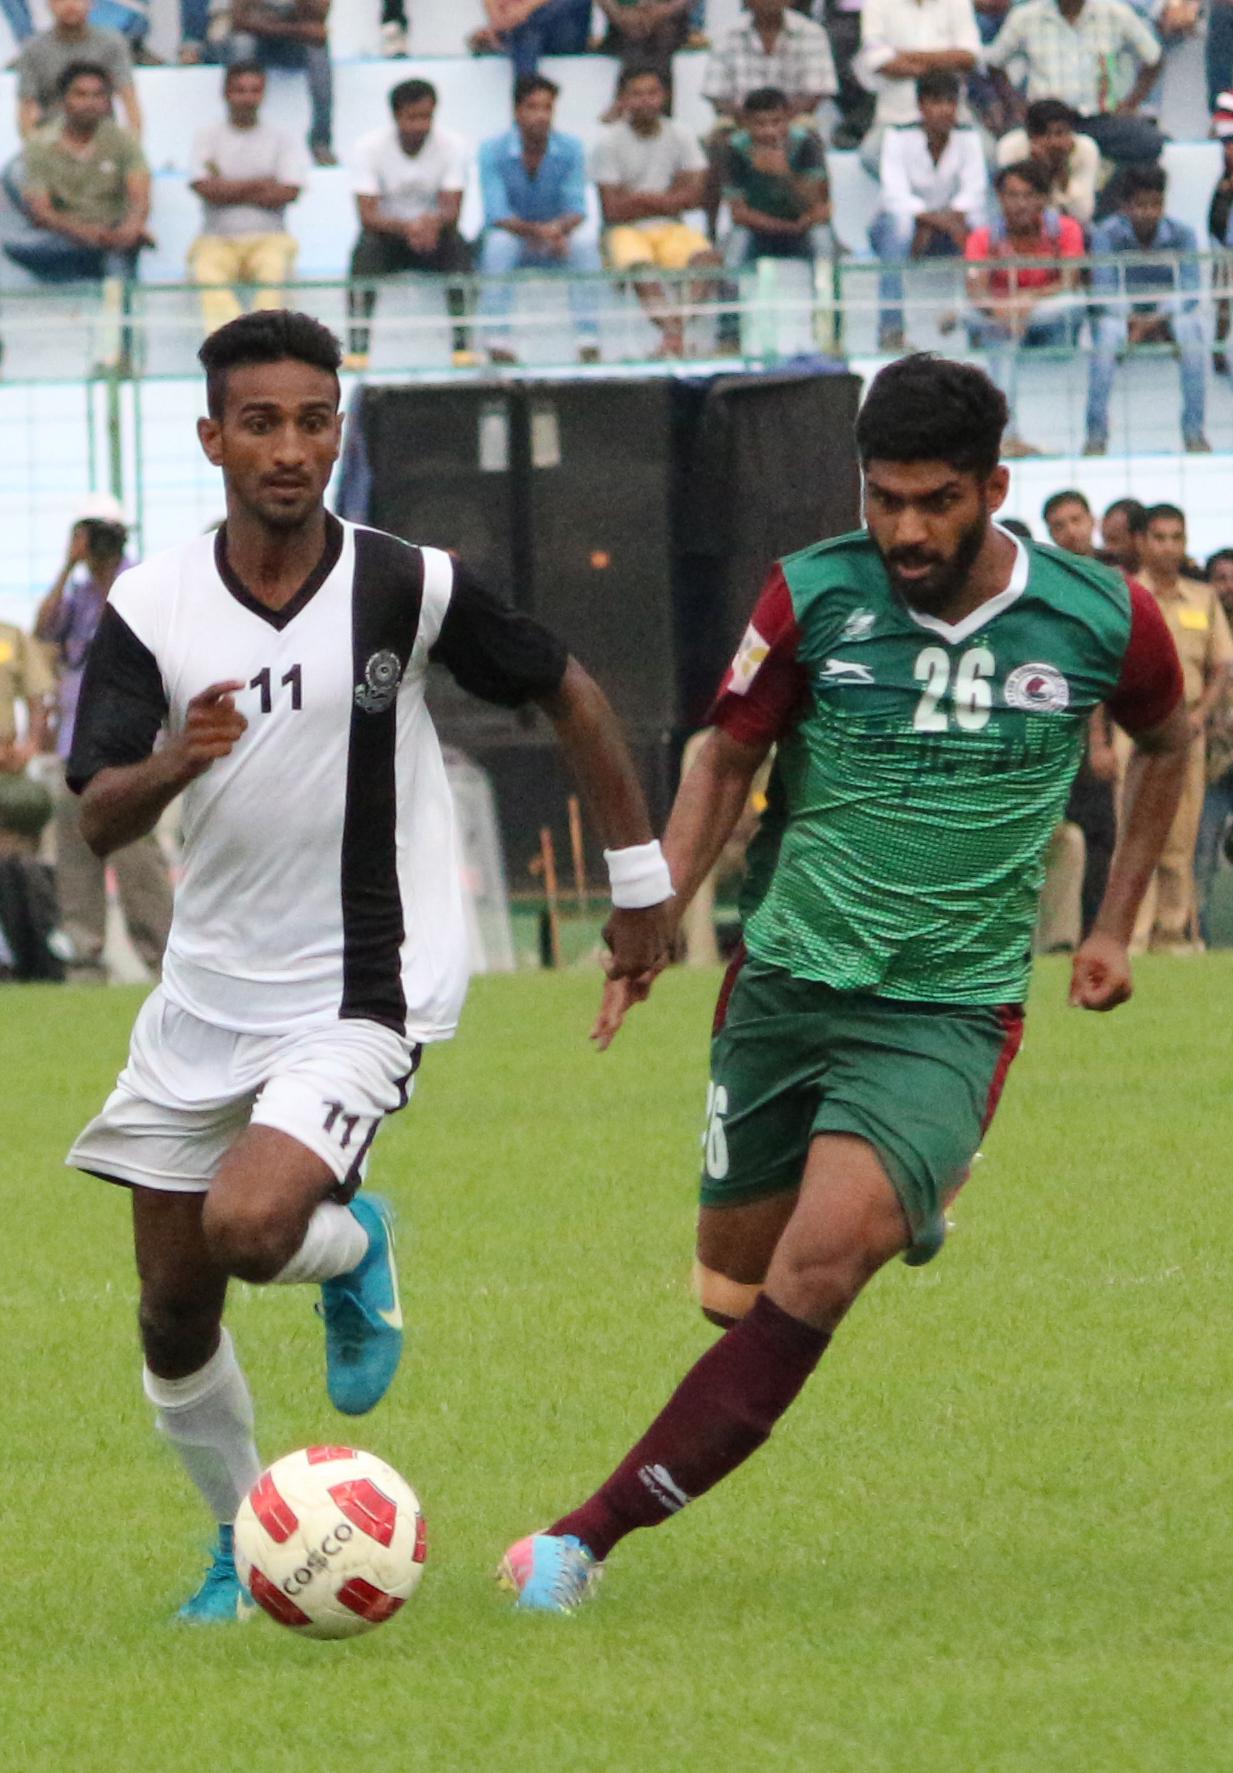 Mohun Bagan vs Mohammedan Sporting